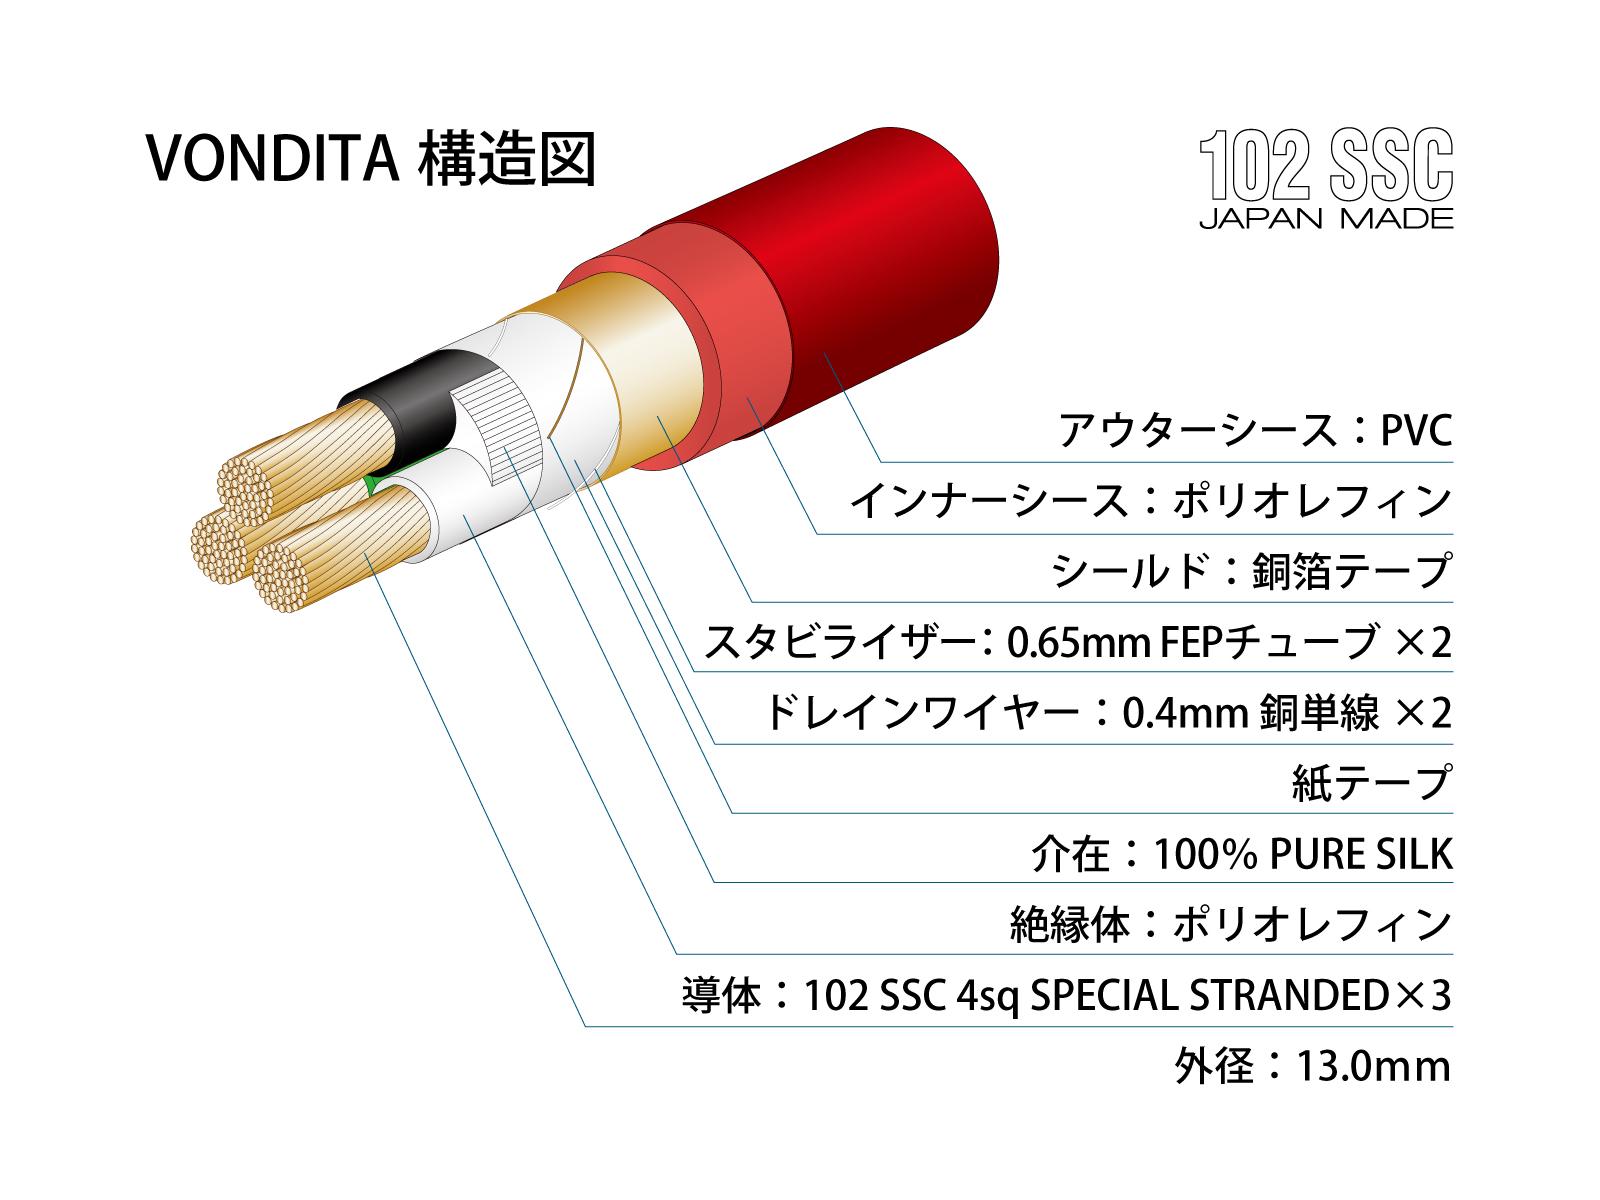 vondita_cable_002_1600